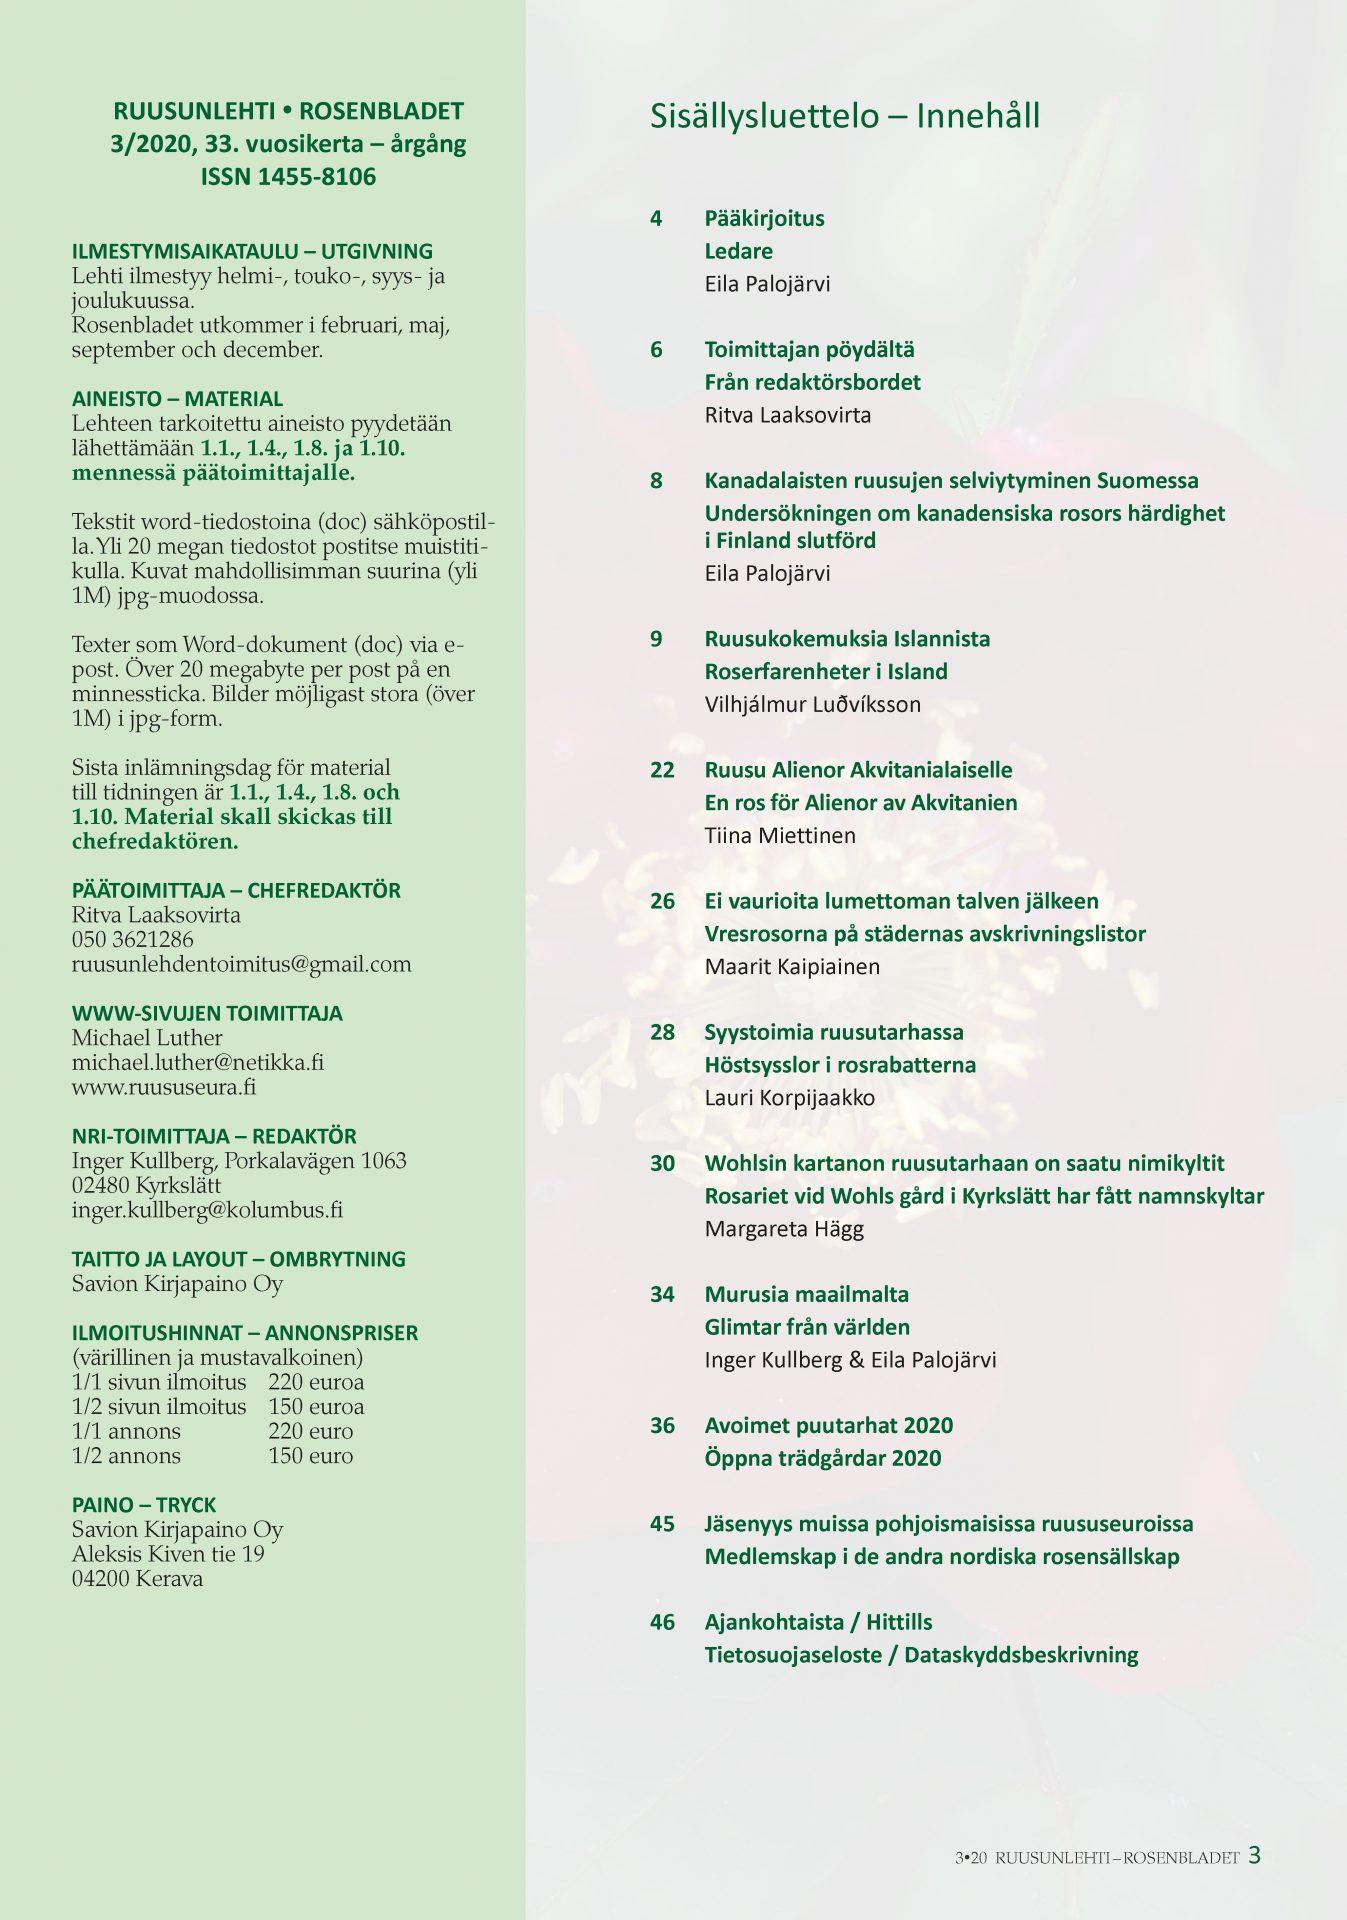 Rosenbladet 3-2020 innehållsförteckning